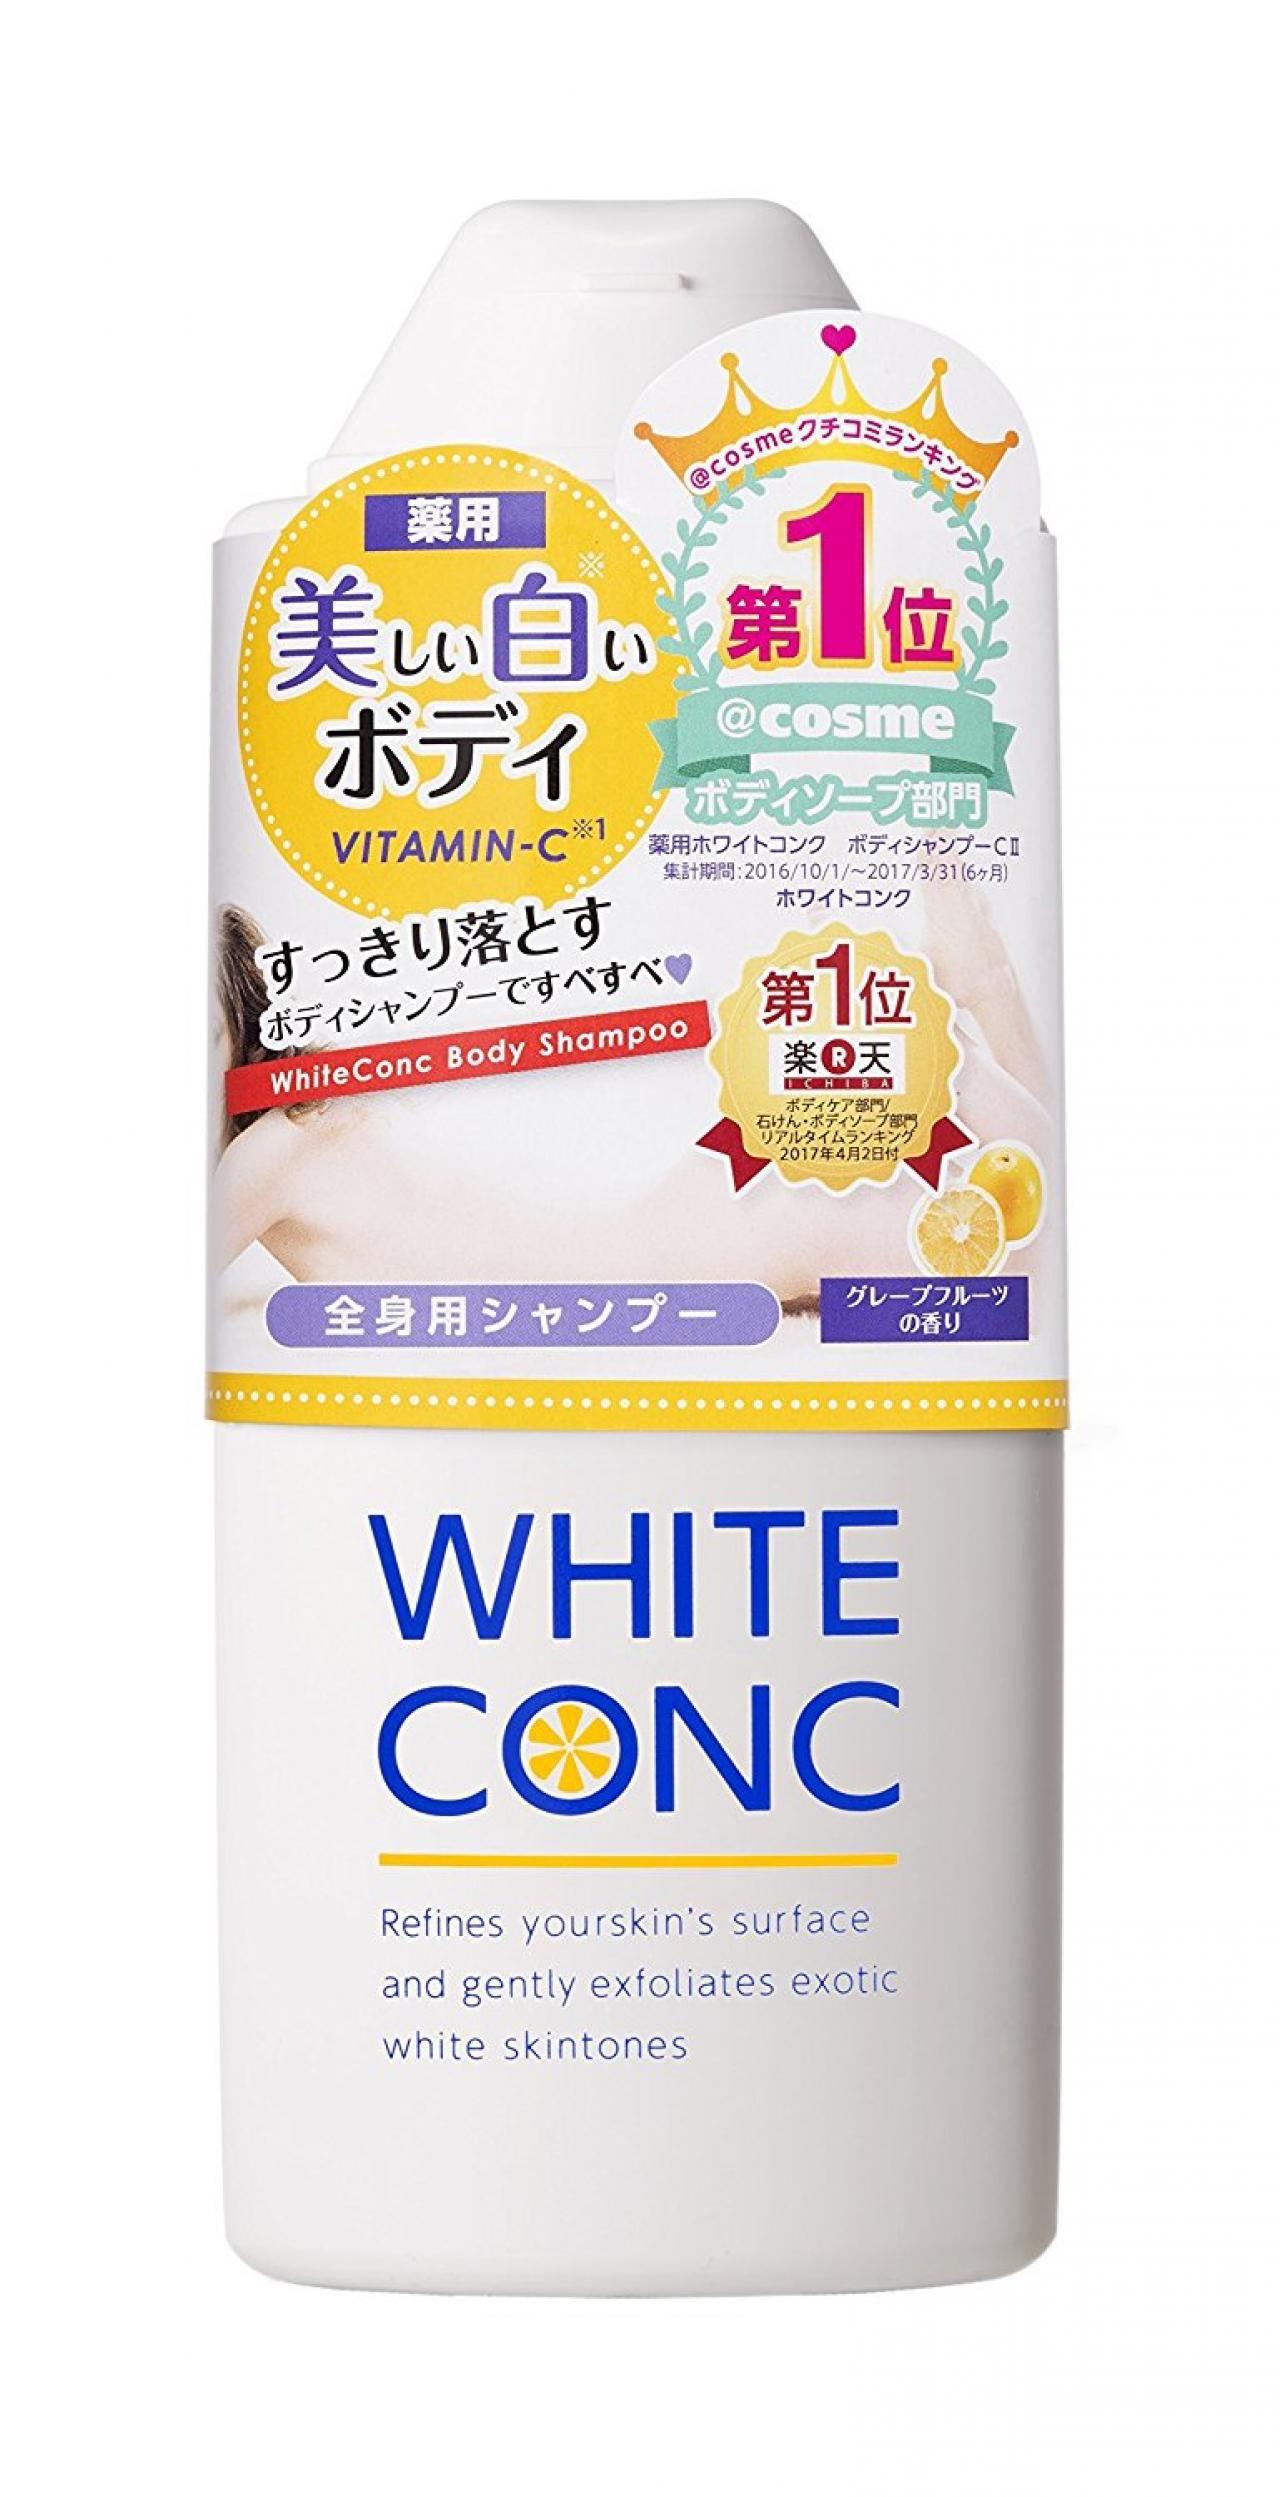 ホワイトコンク 薬用ホワイトコンク ボディシャンプーC II